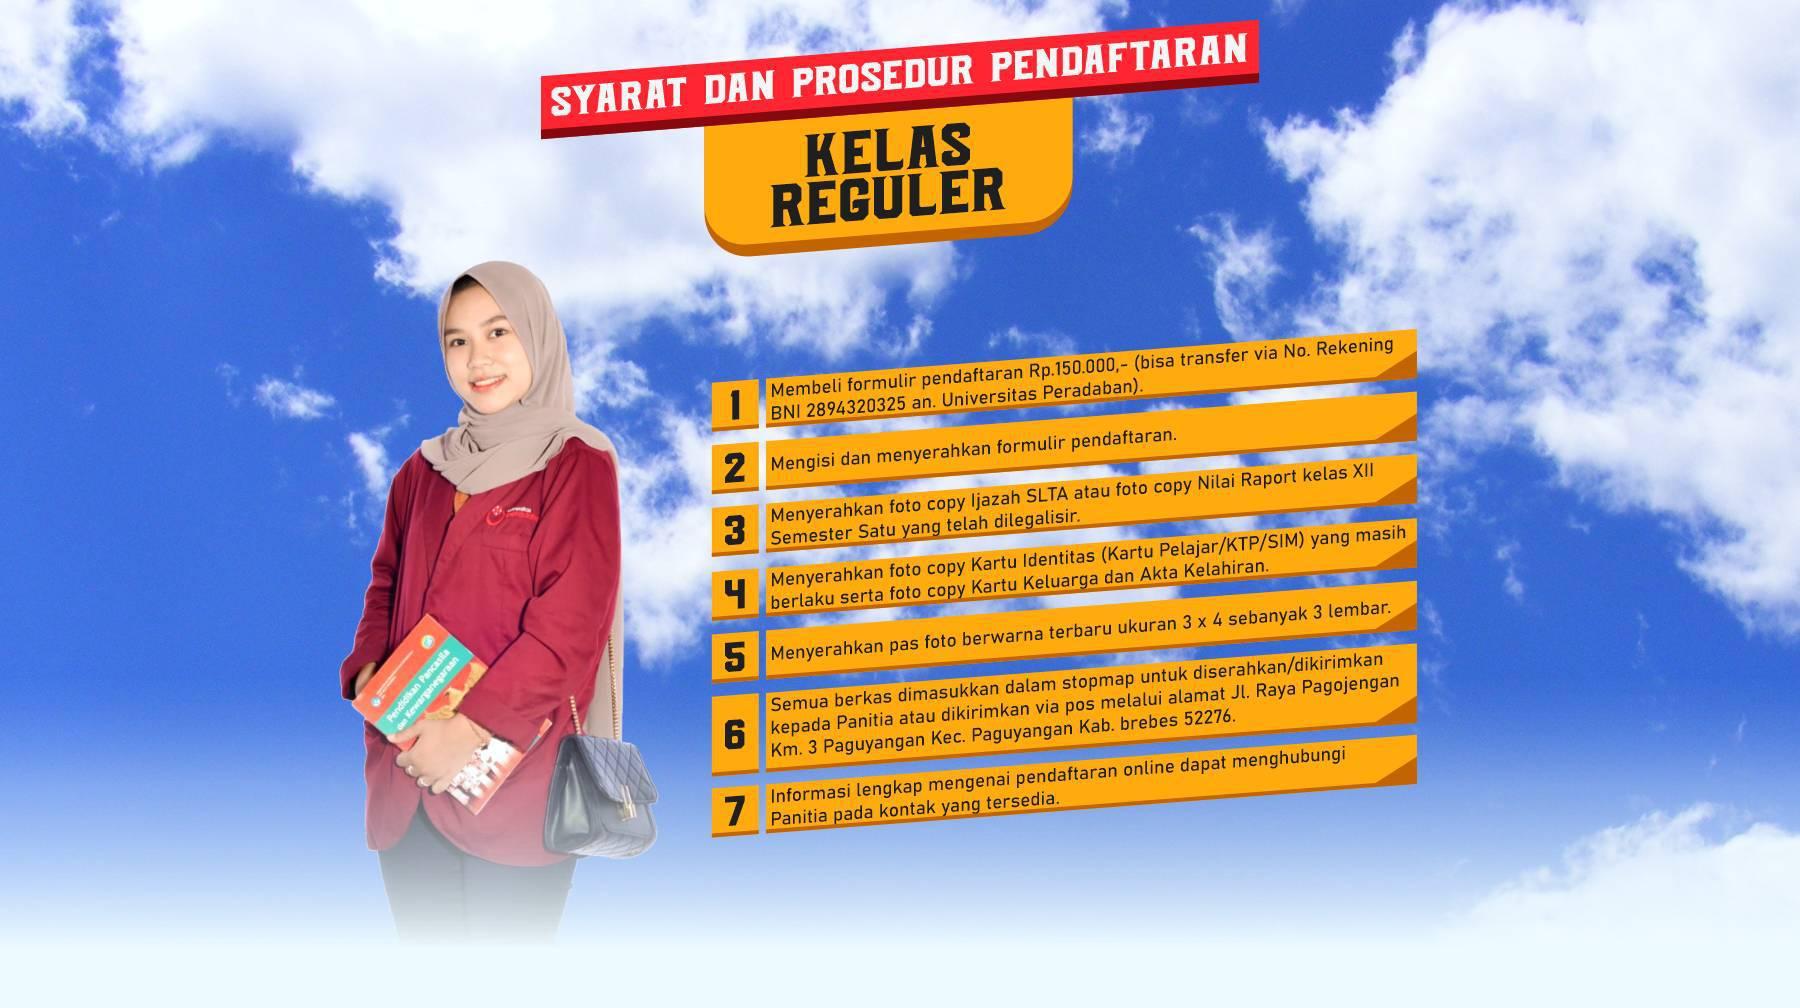 Syarat dan Prosedur Pendaftaran Versi PC